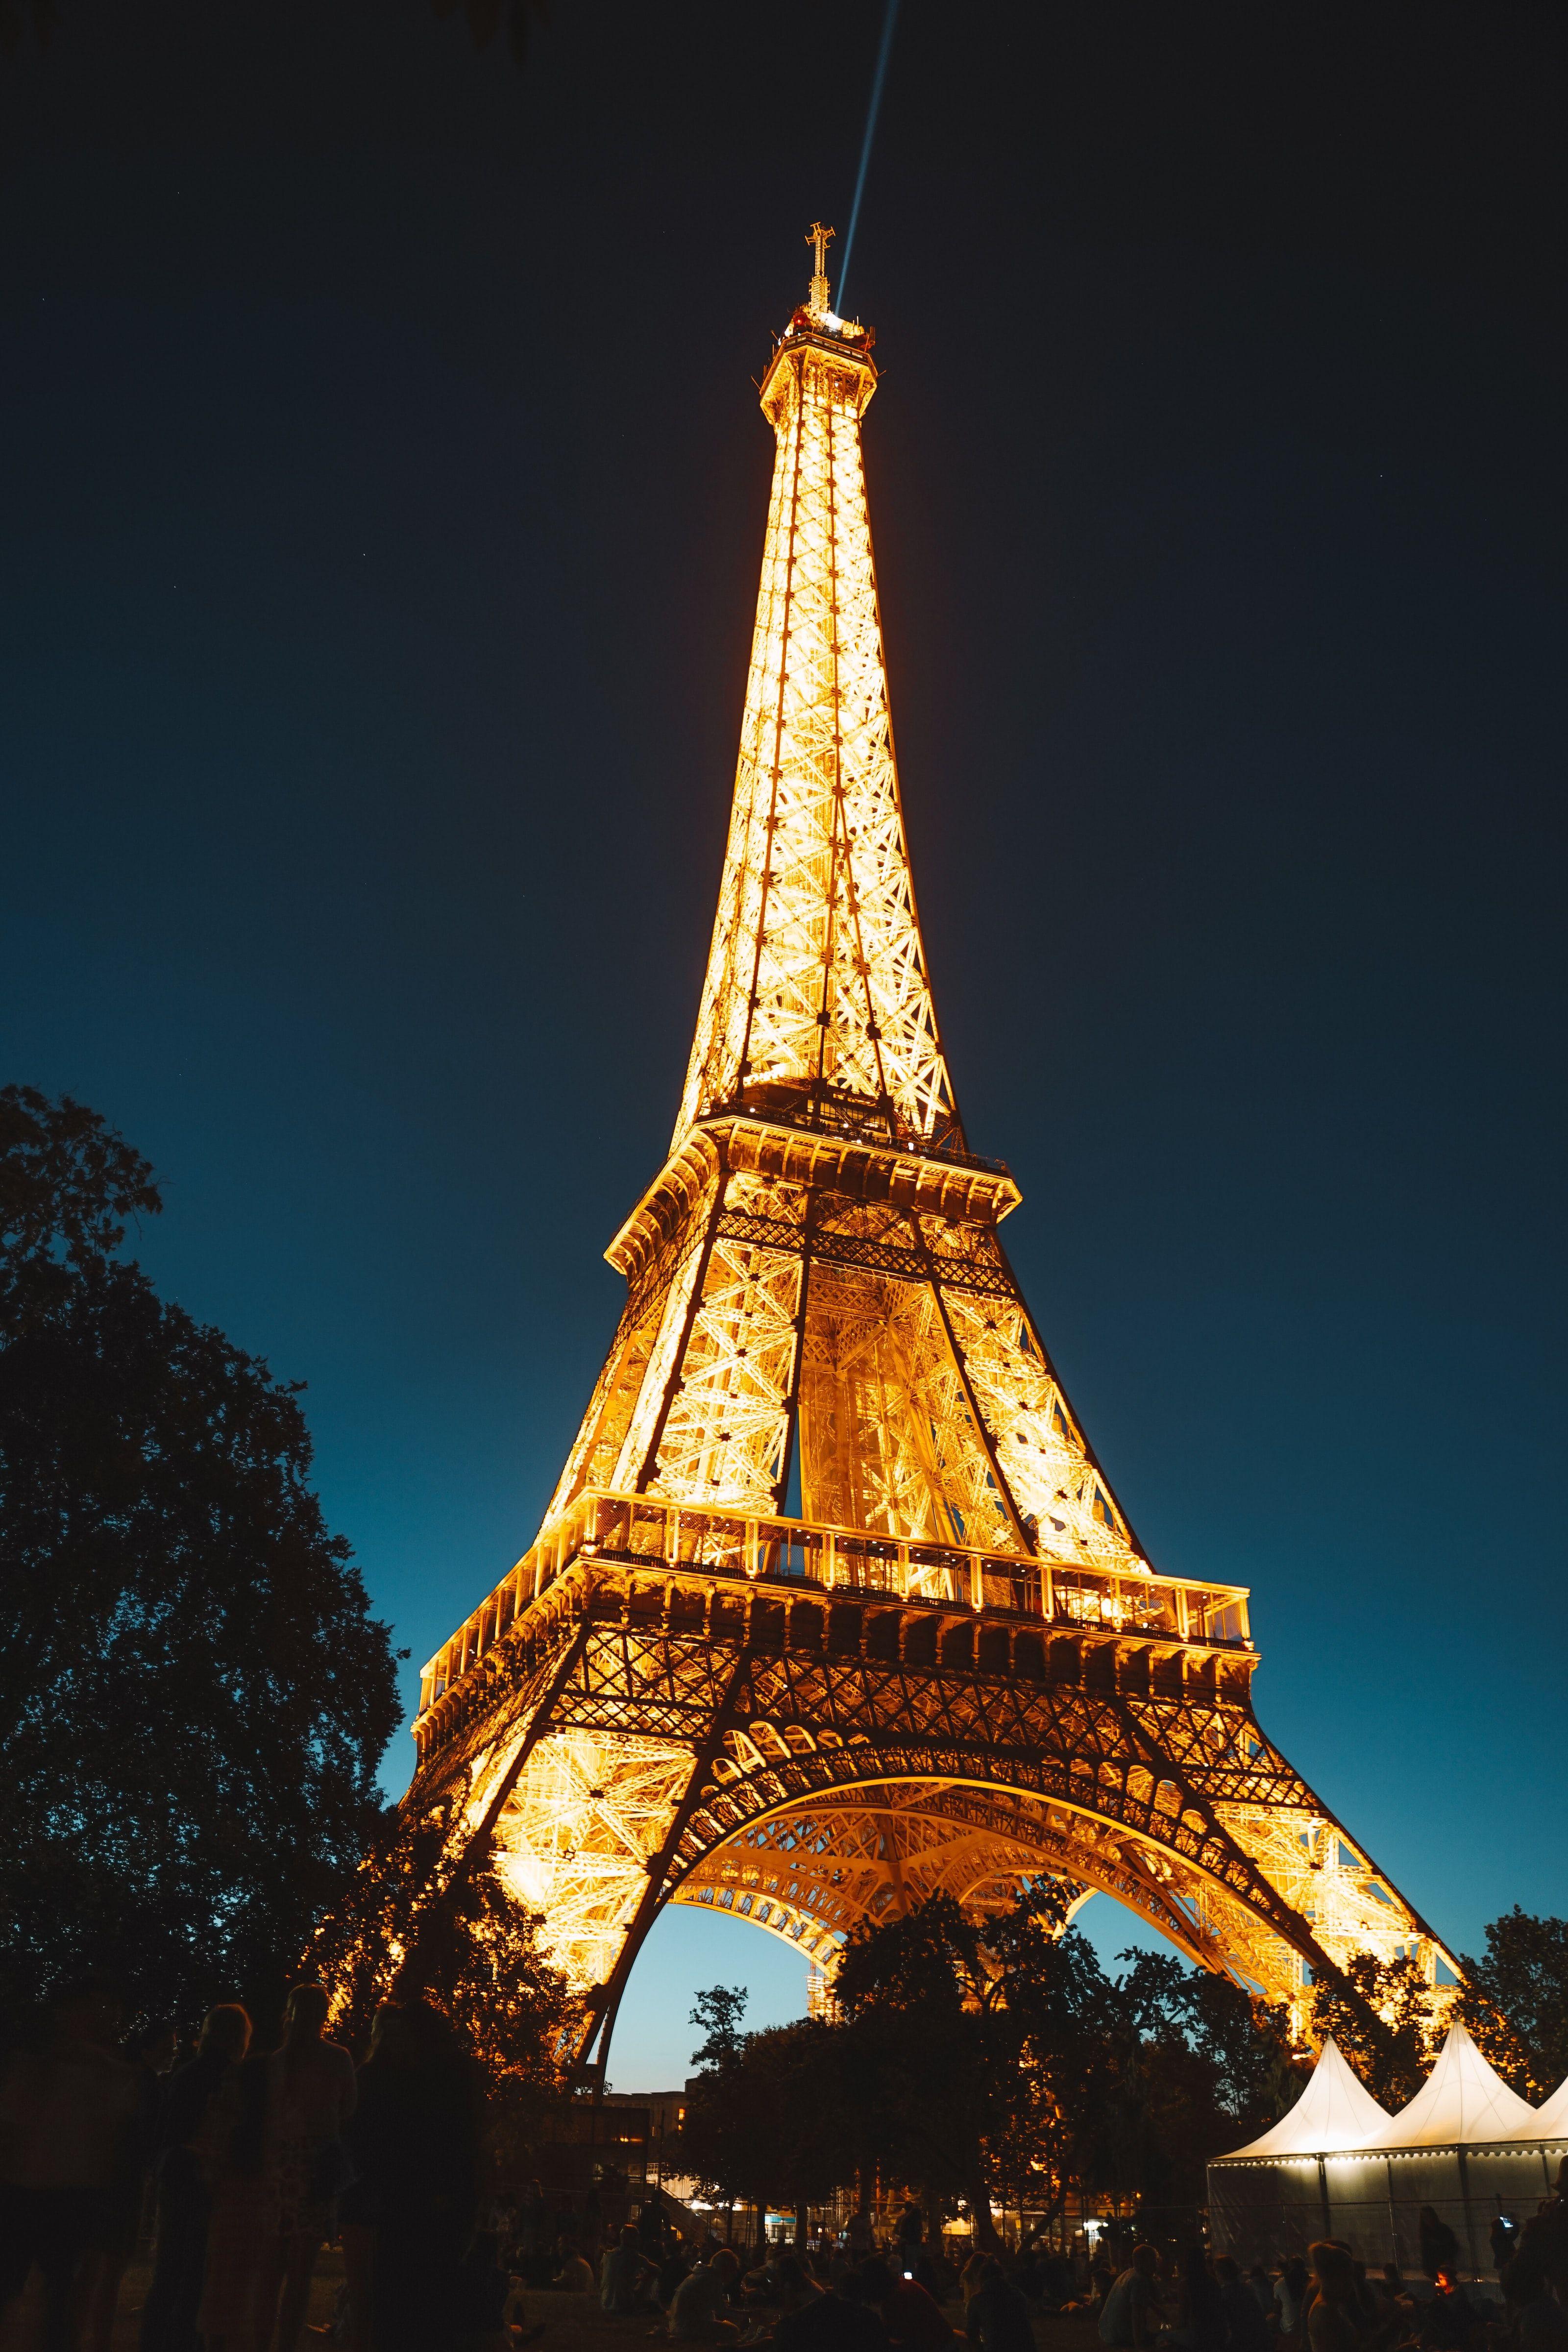 Architecture Building Paris Eiffel Tower At Eiffel Tower At Night Eiffel Tower Shining At Night Paris At Night Paris Eiffel Tower Eiffel Tower